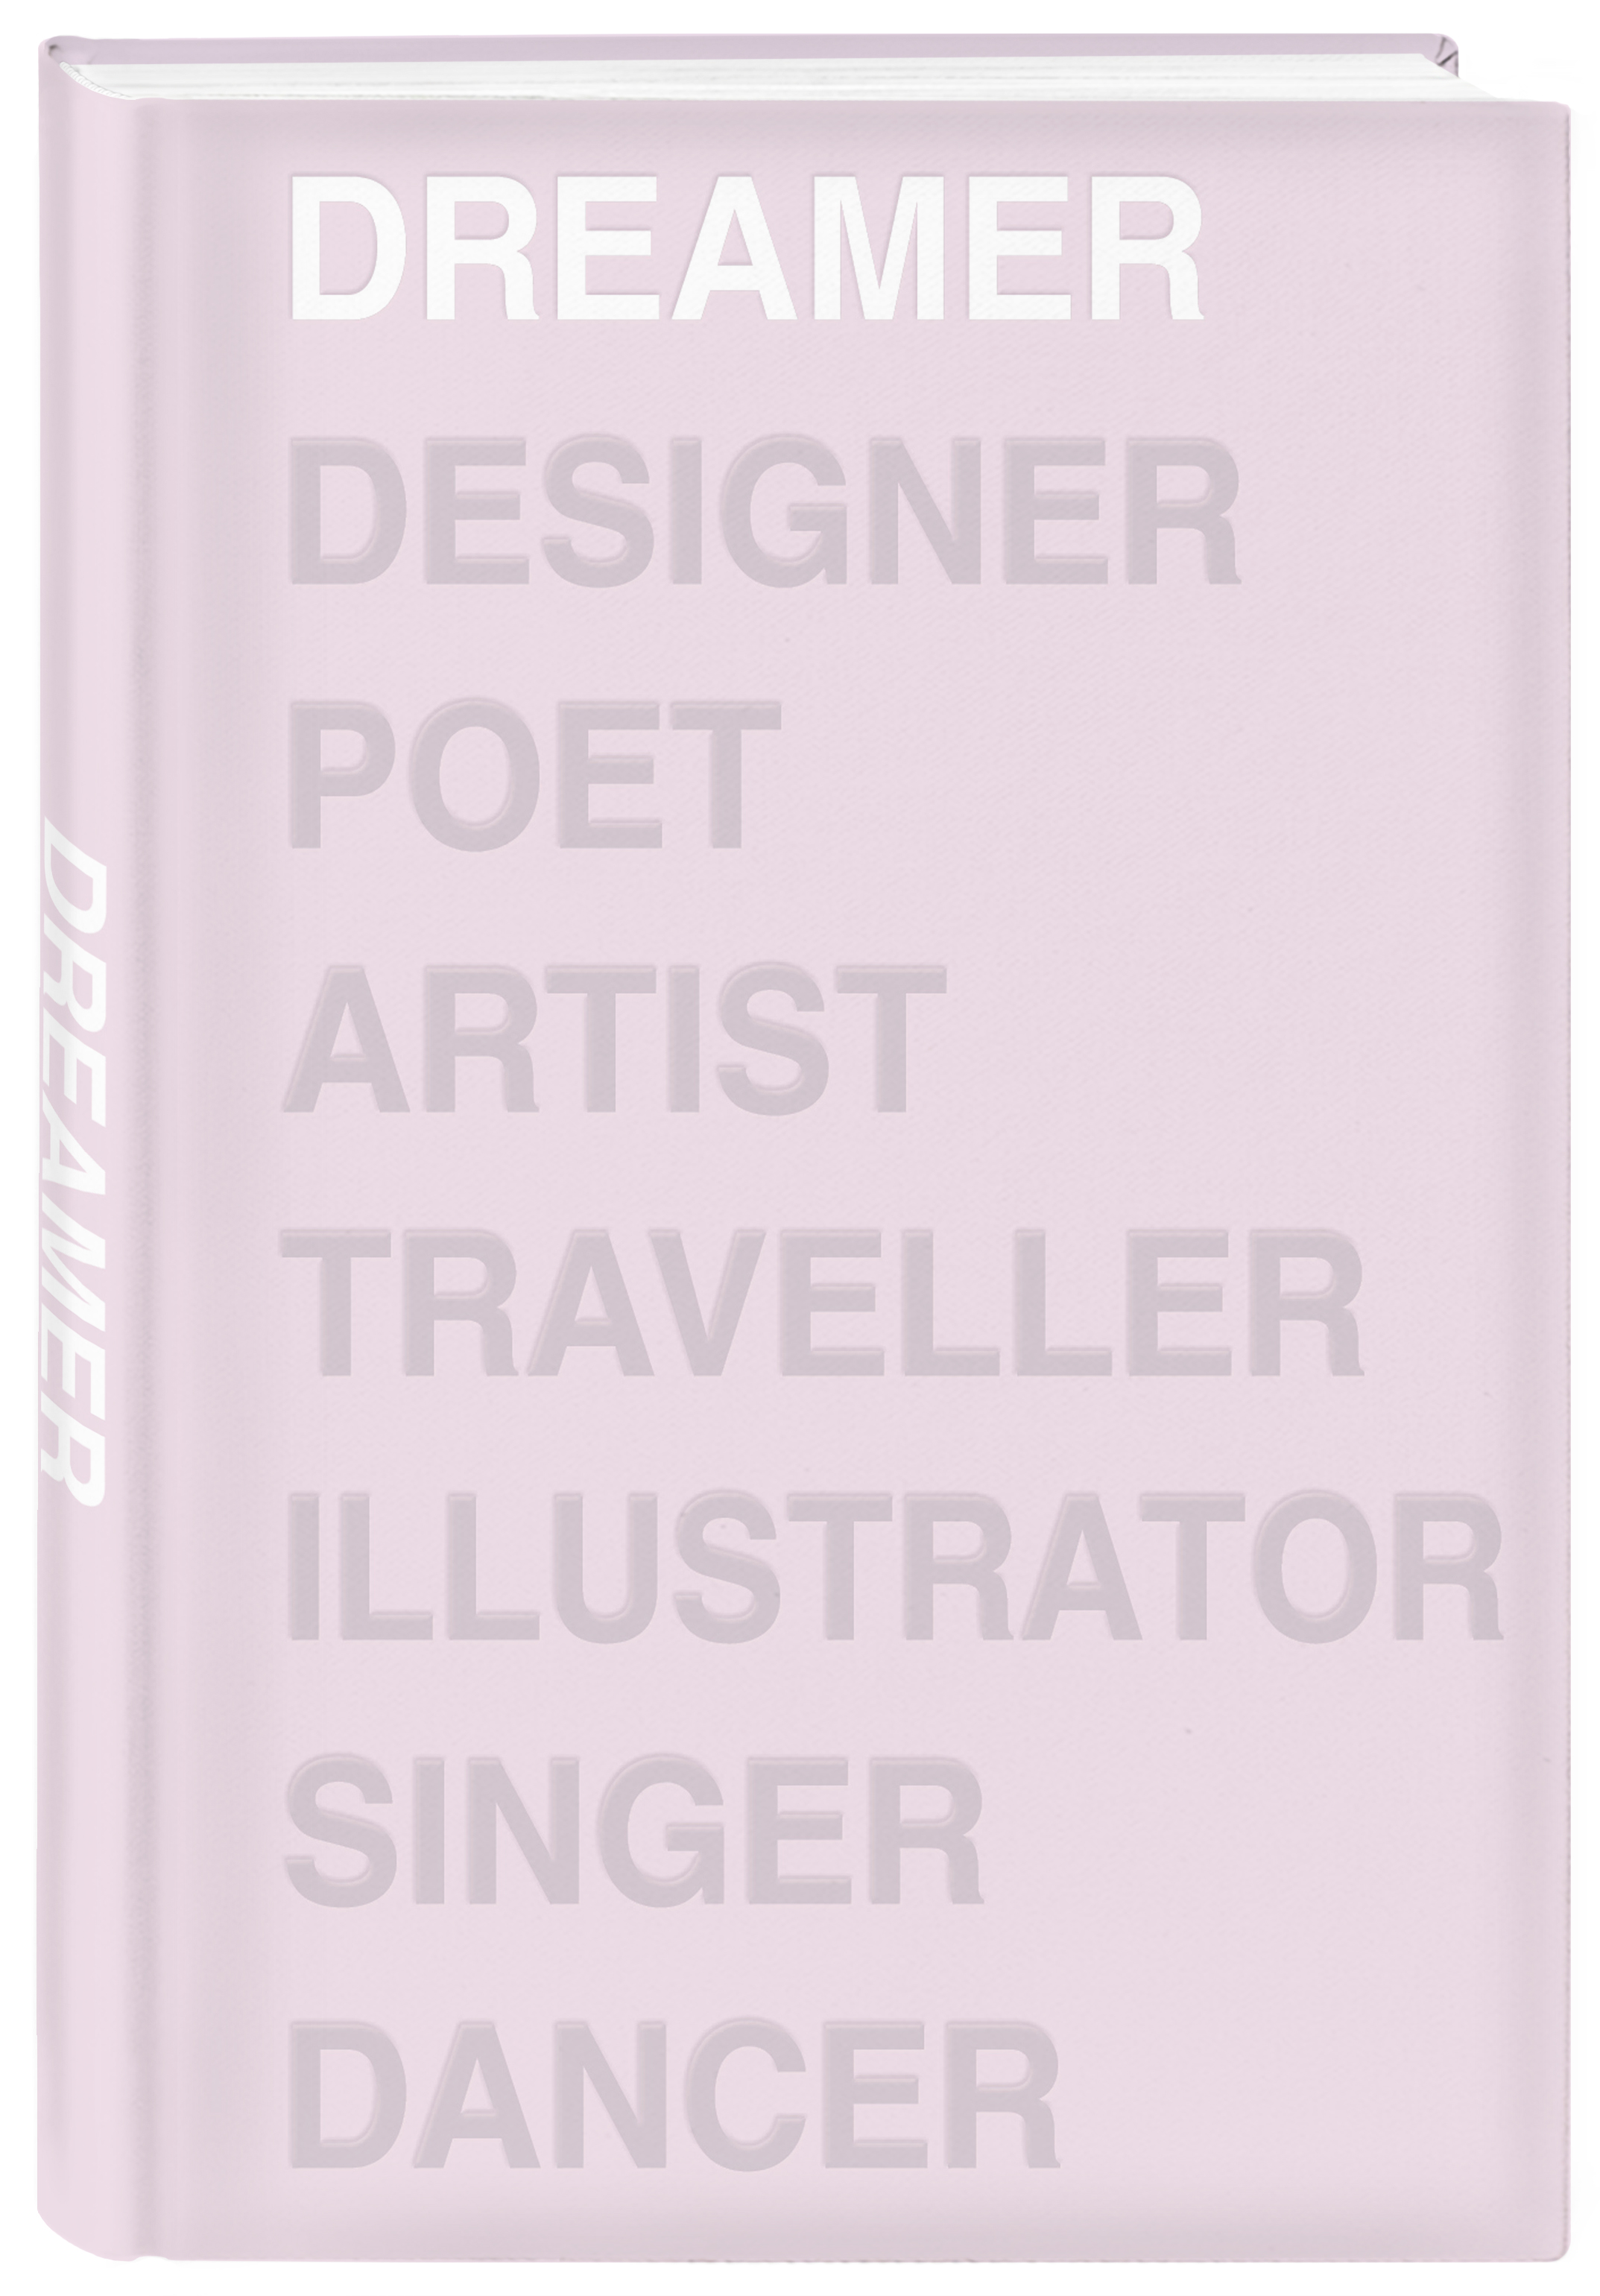 Ежедневник Dreamer (розовый). А5, твердый переплет, блинтовое тиснение, полусупер, 224 стр.